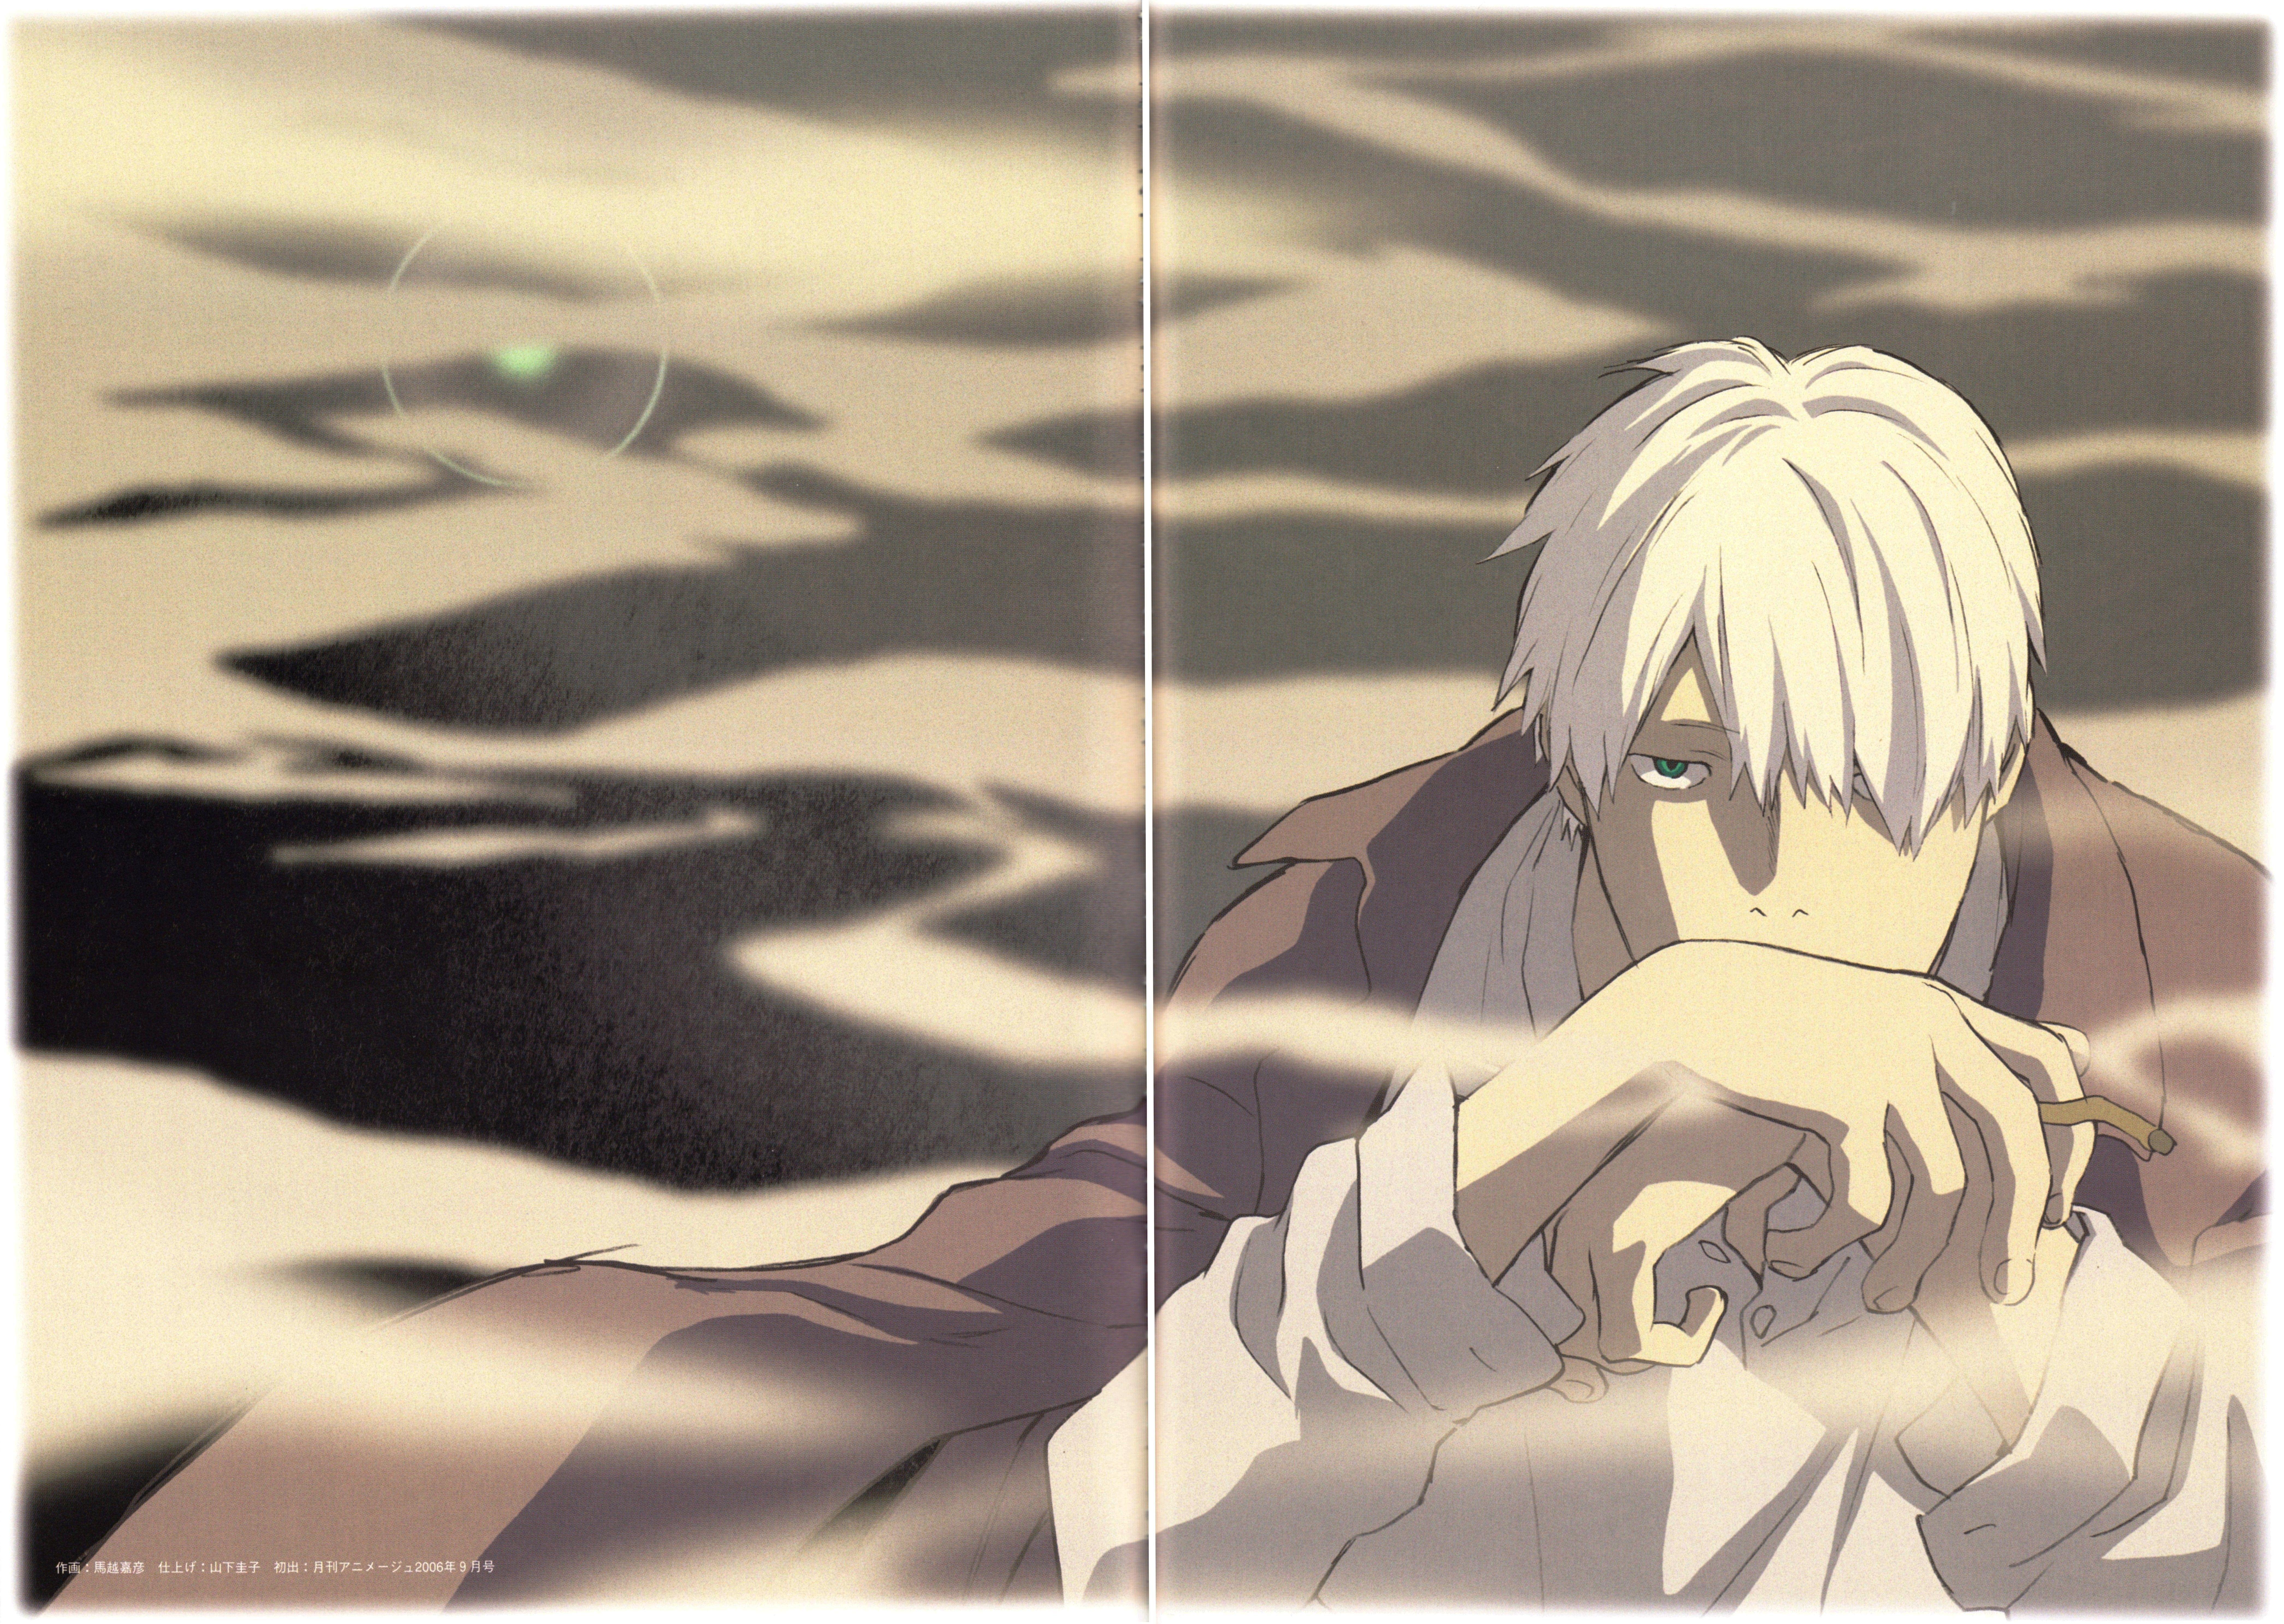 Mushishi Artland Yuki Urushibara Anime movies